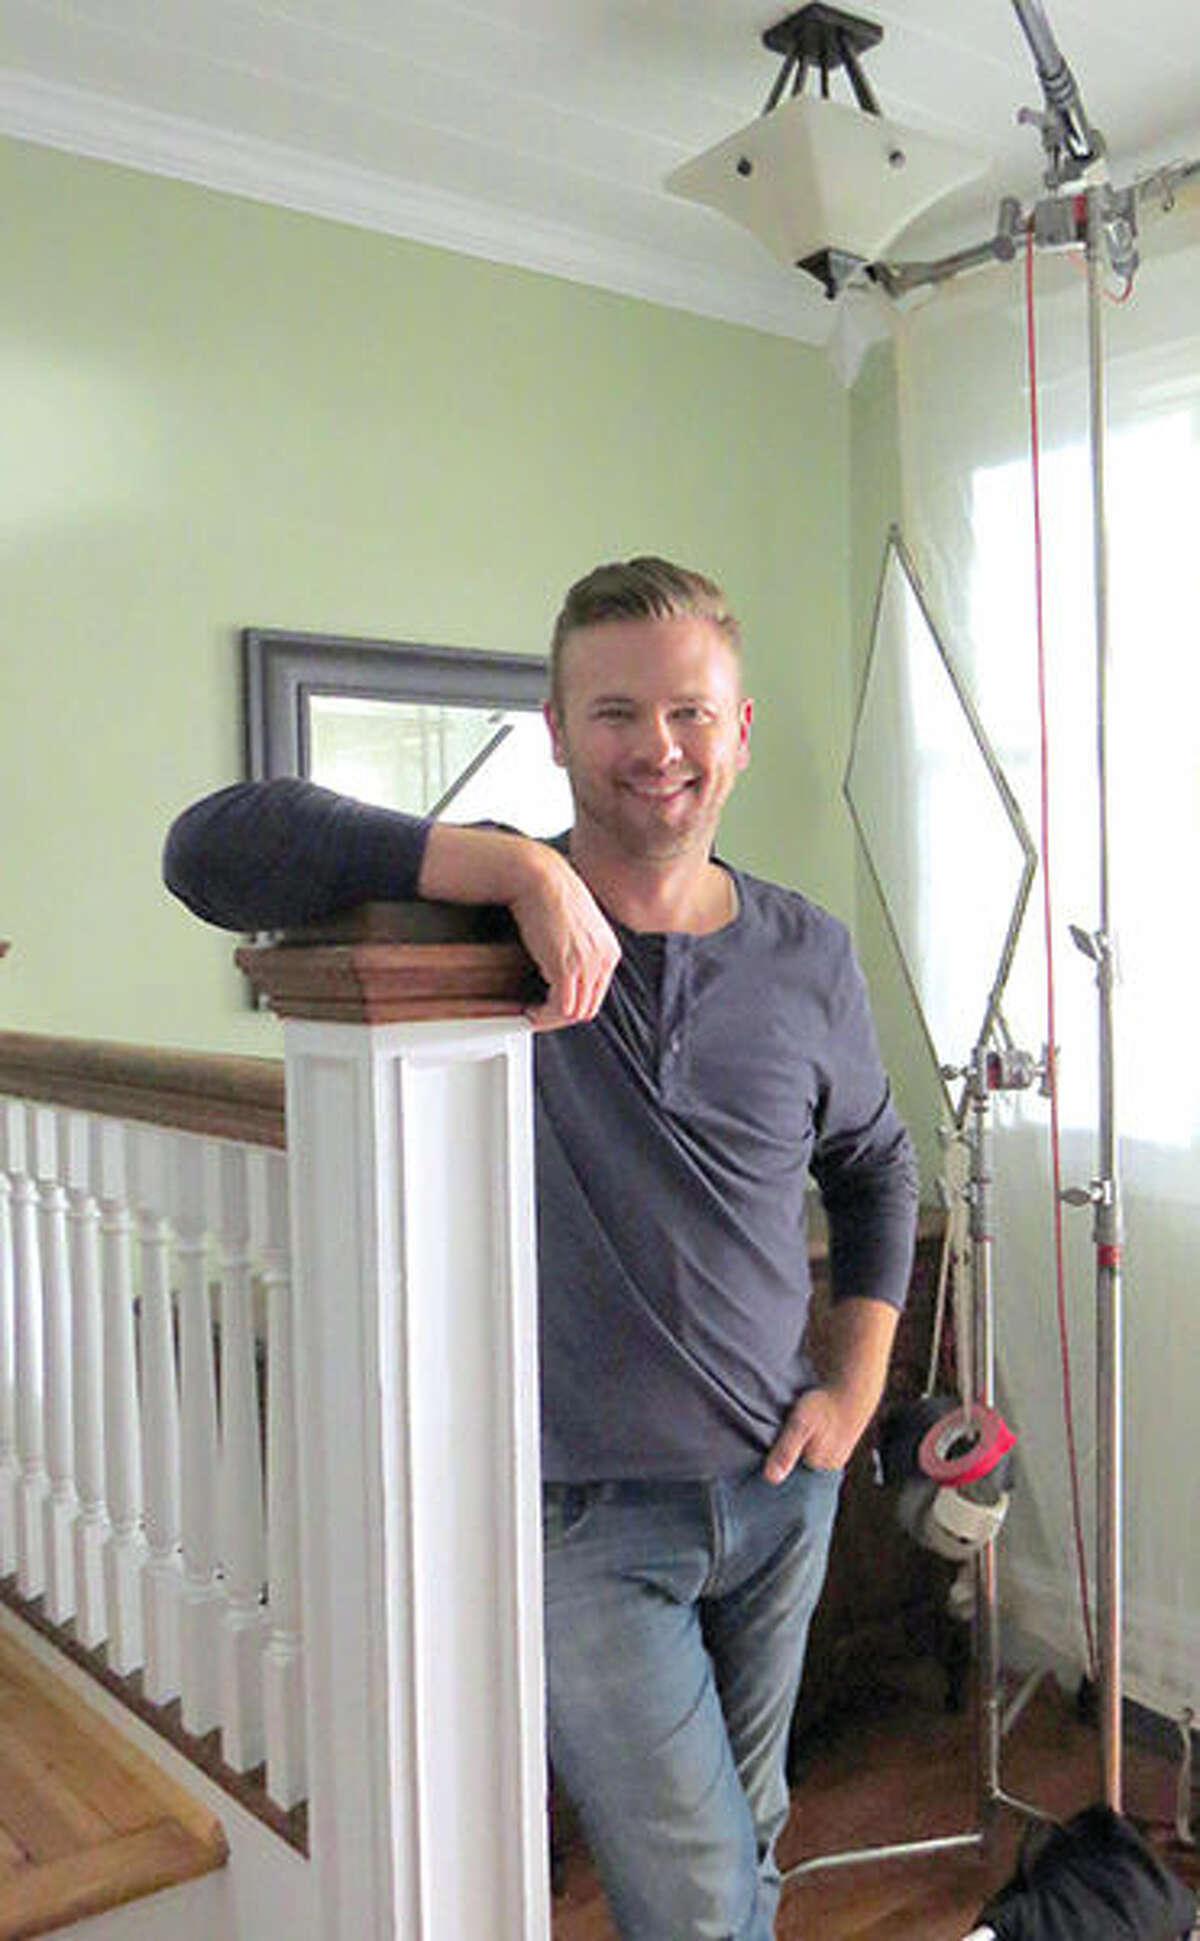 Matt Muenster, the host of